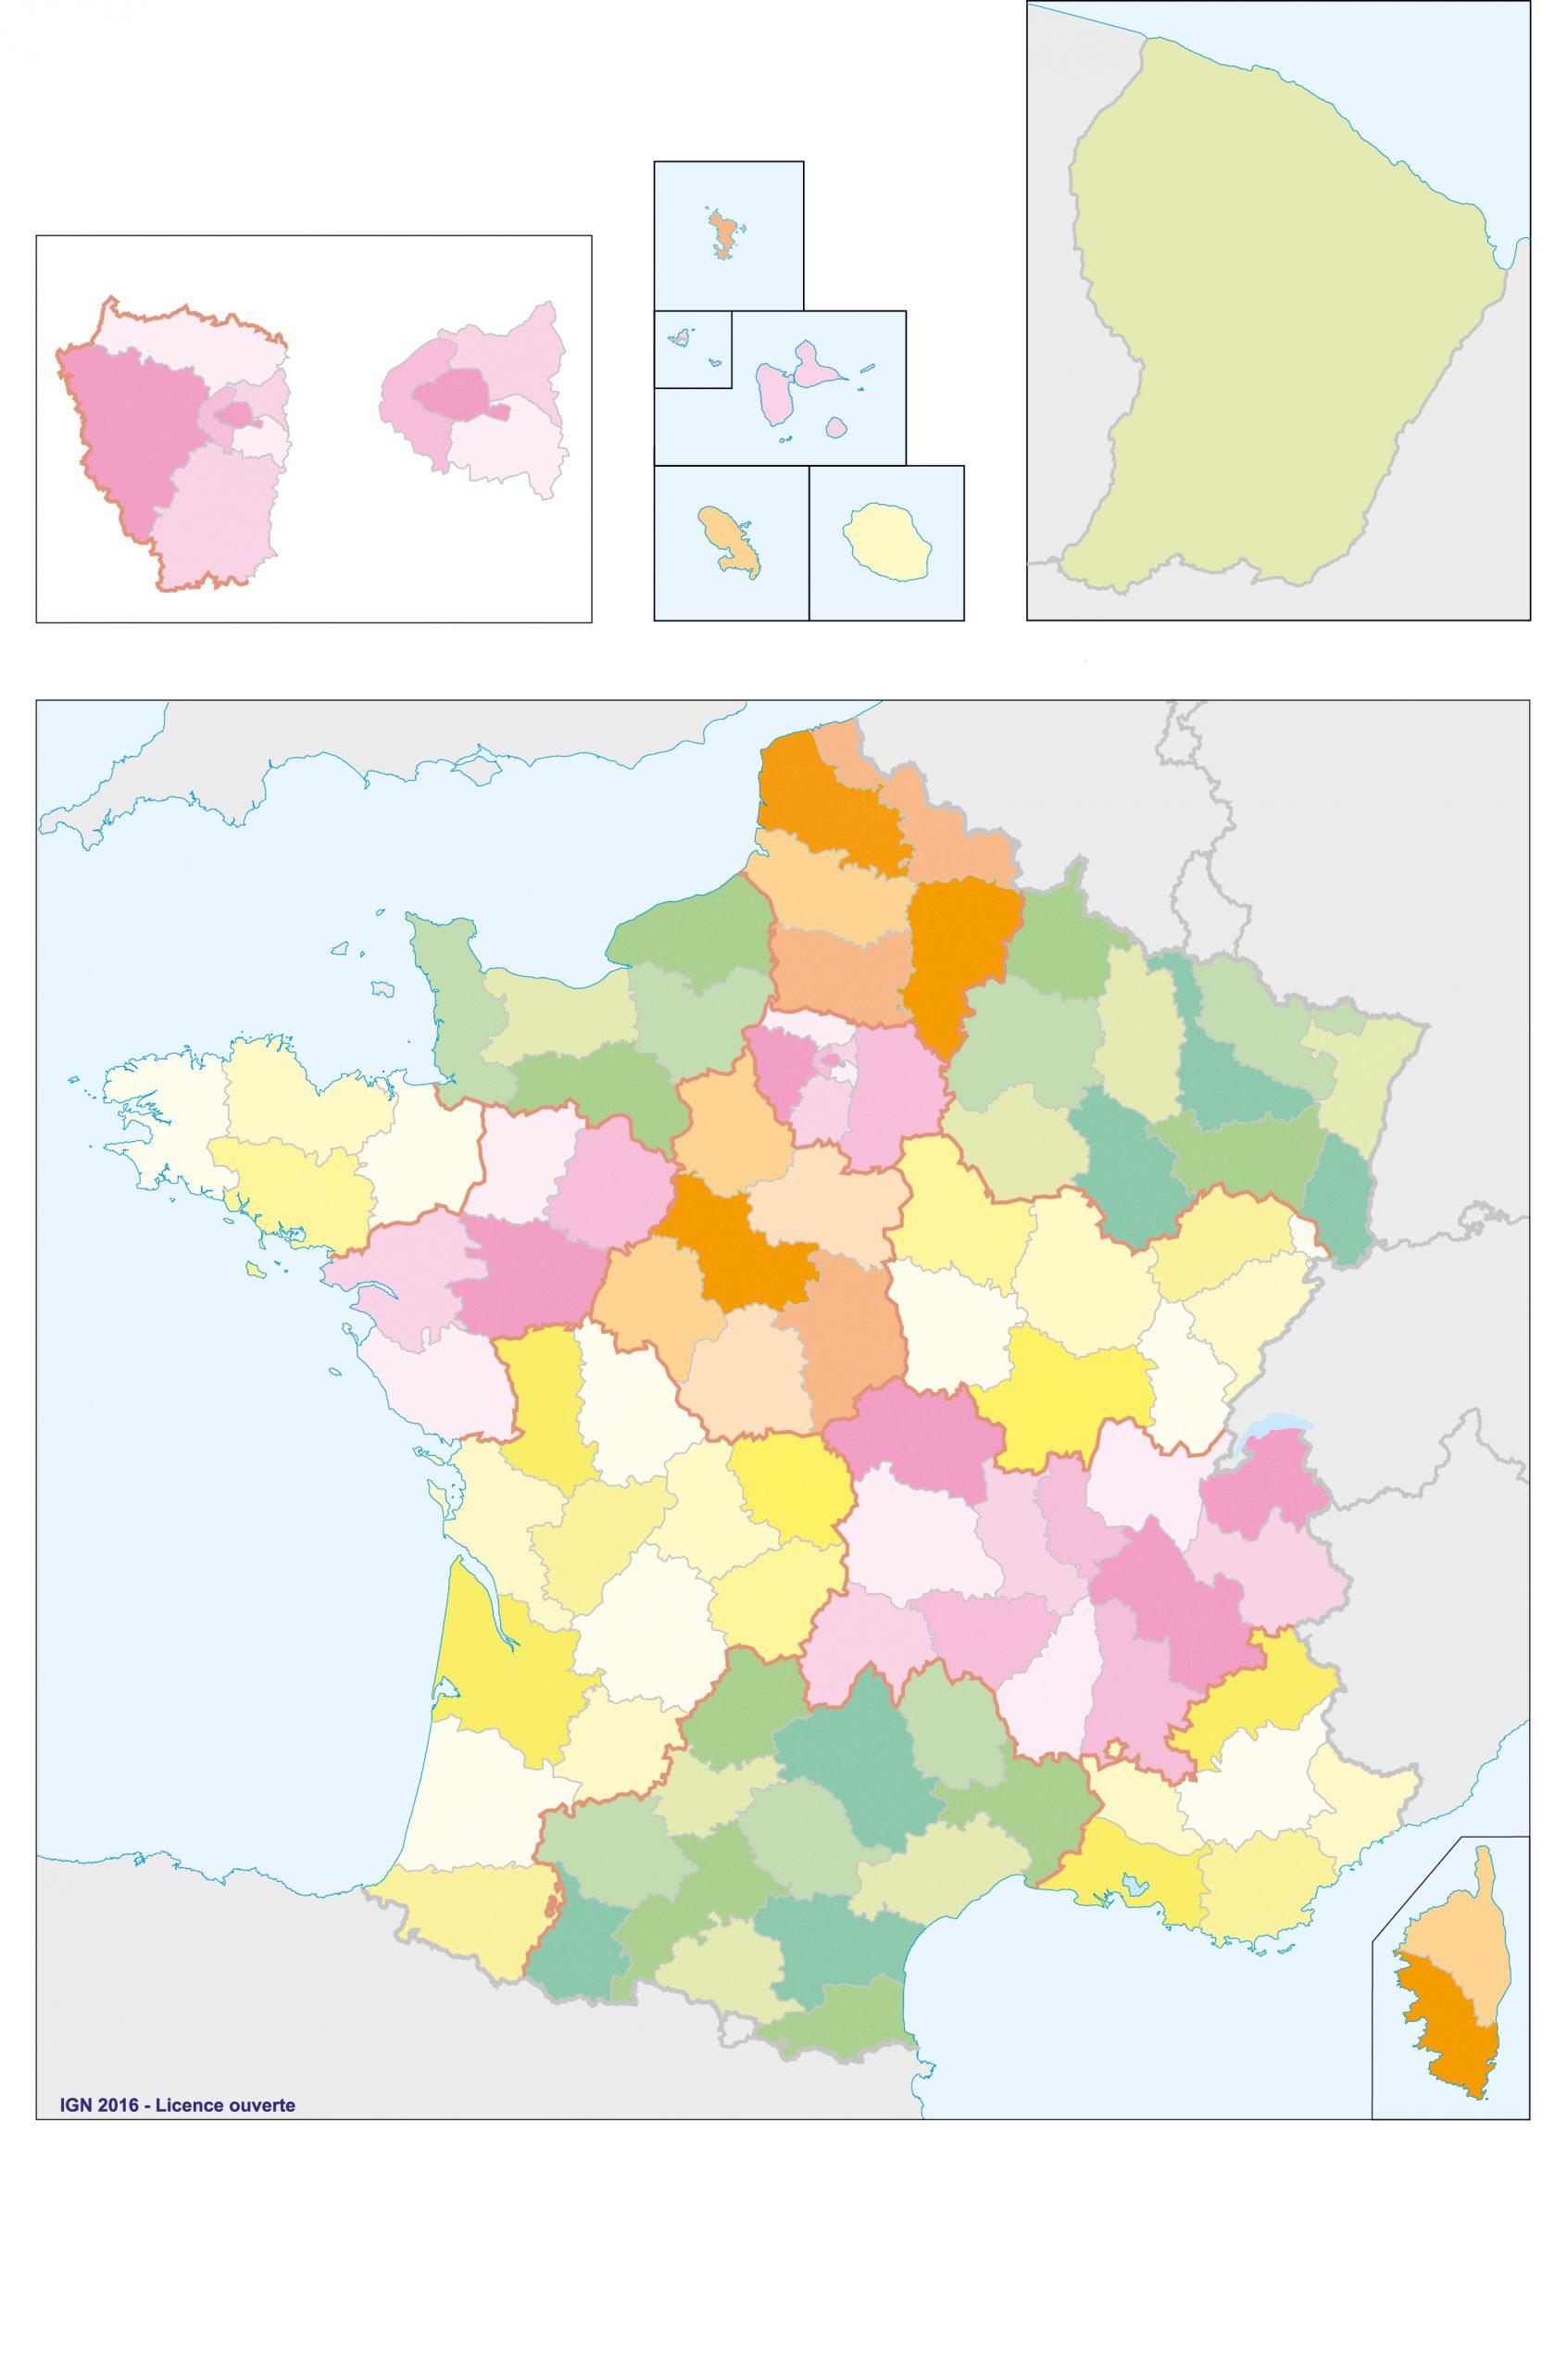 Fonds De Cartes | Éducation avec Carte Des Régions De France Vierge